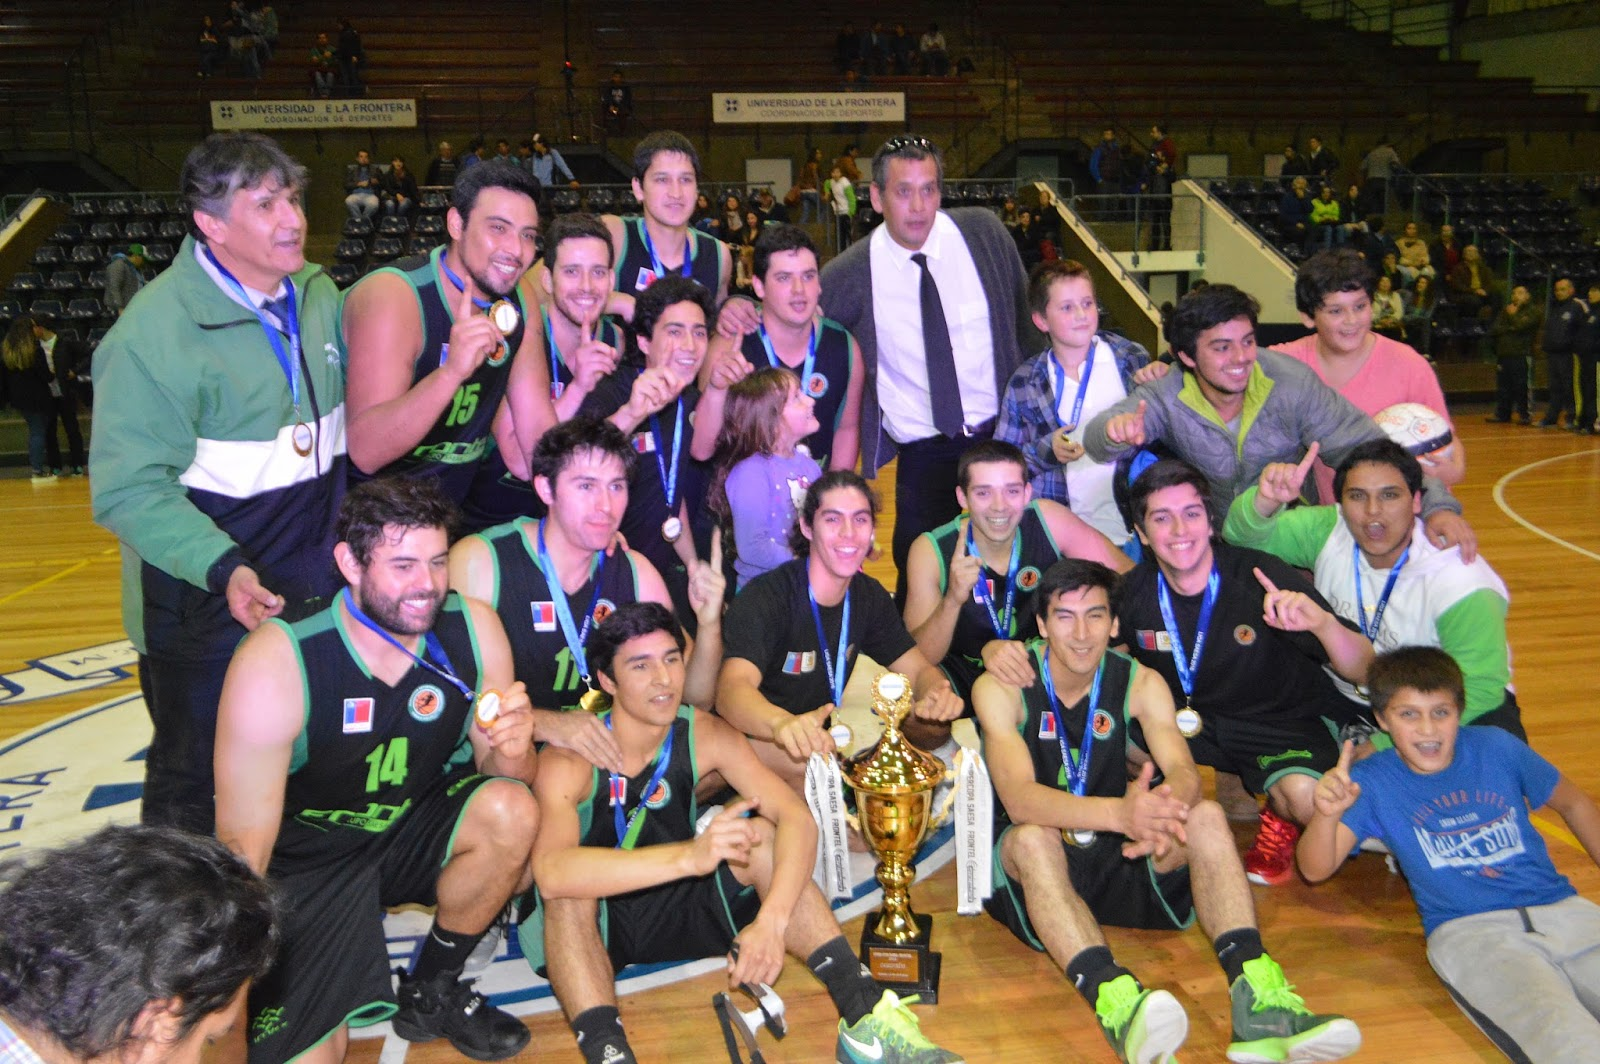 Ligas de baloncesto adulto de Oahu